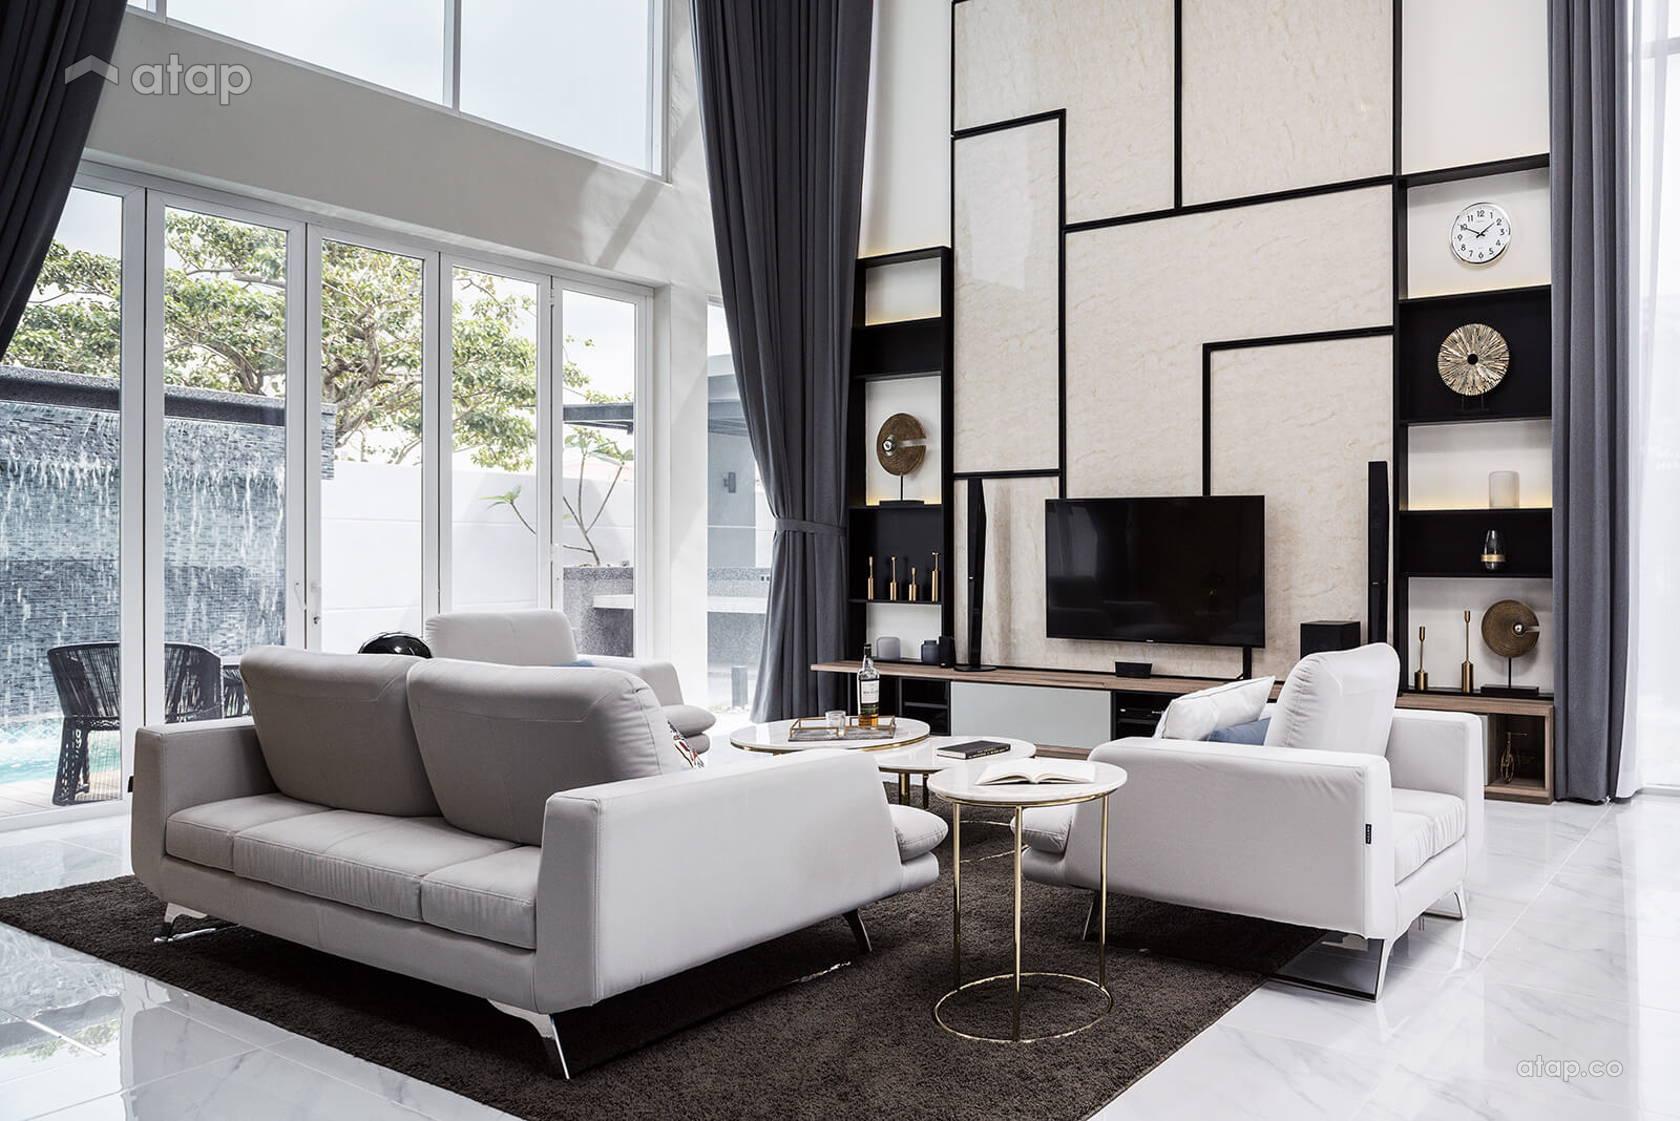 Exterior: Contemporary Living Room Bungalow Design Ideas & Photos